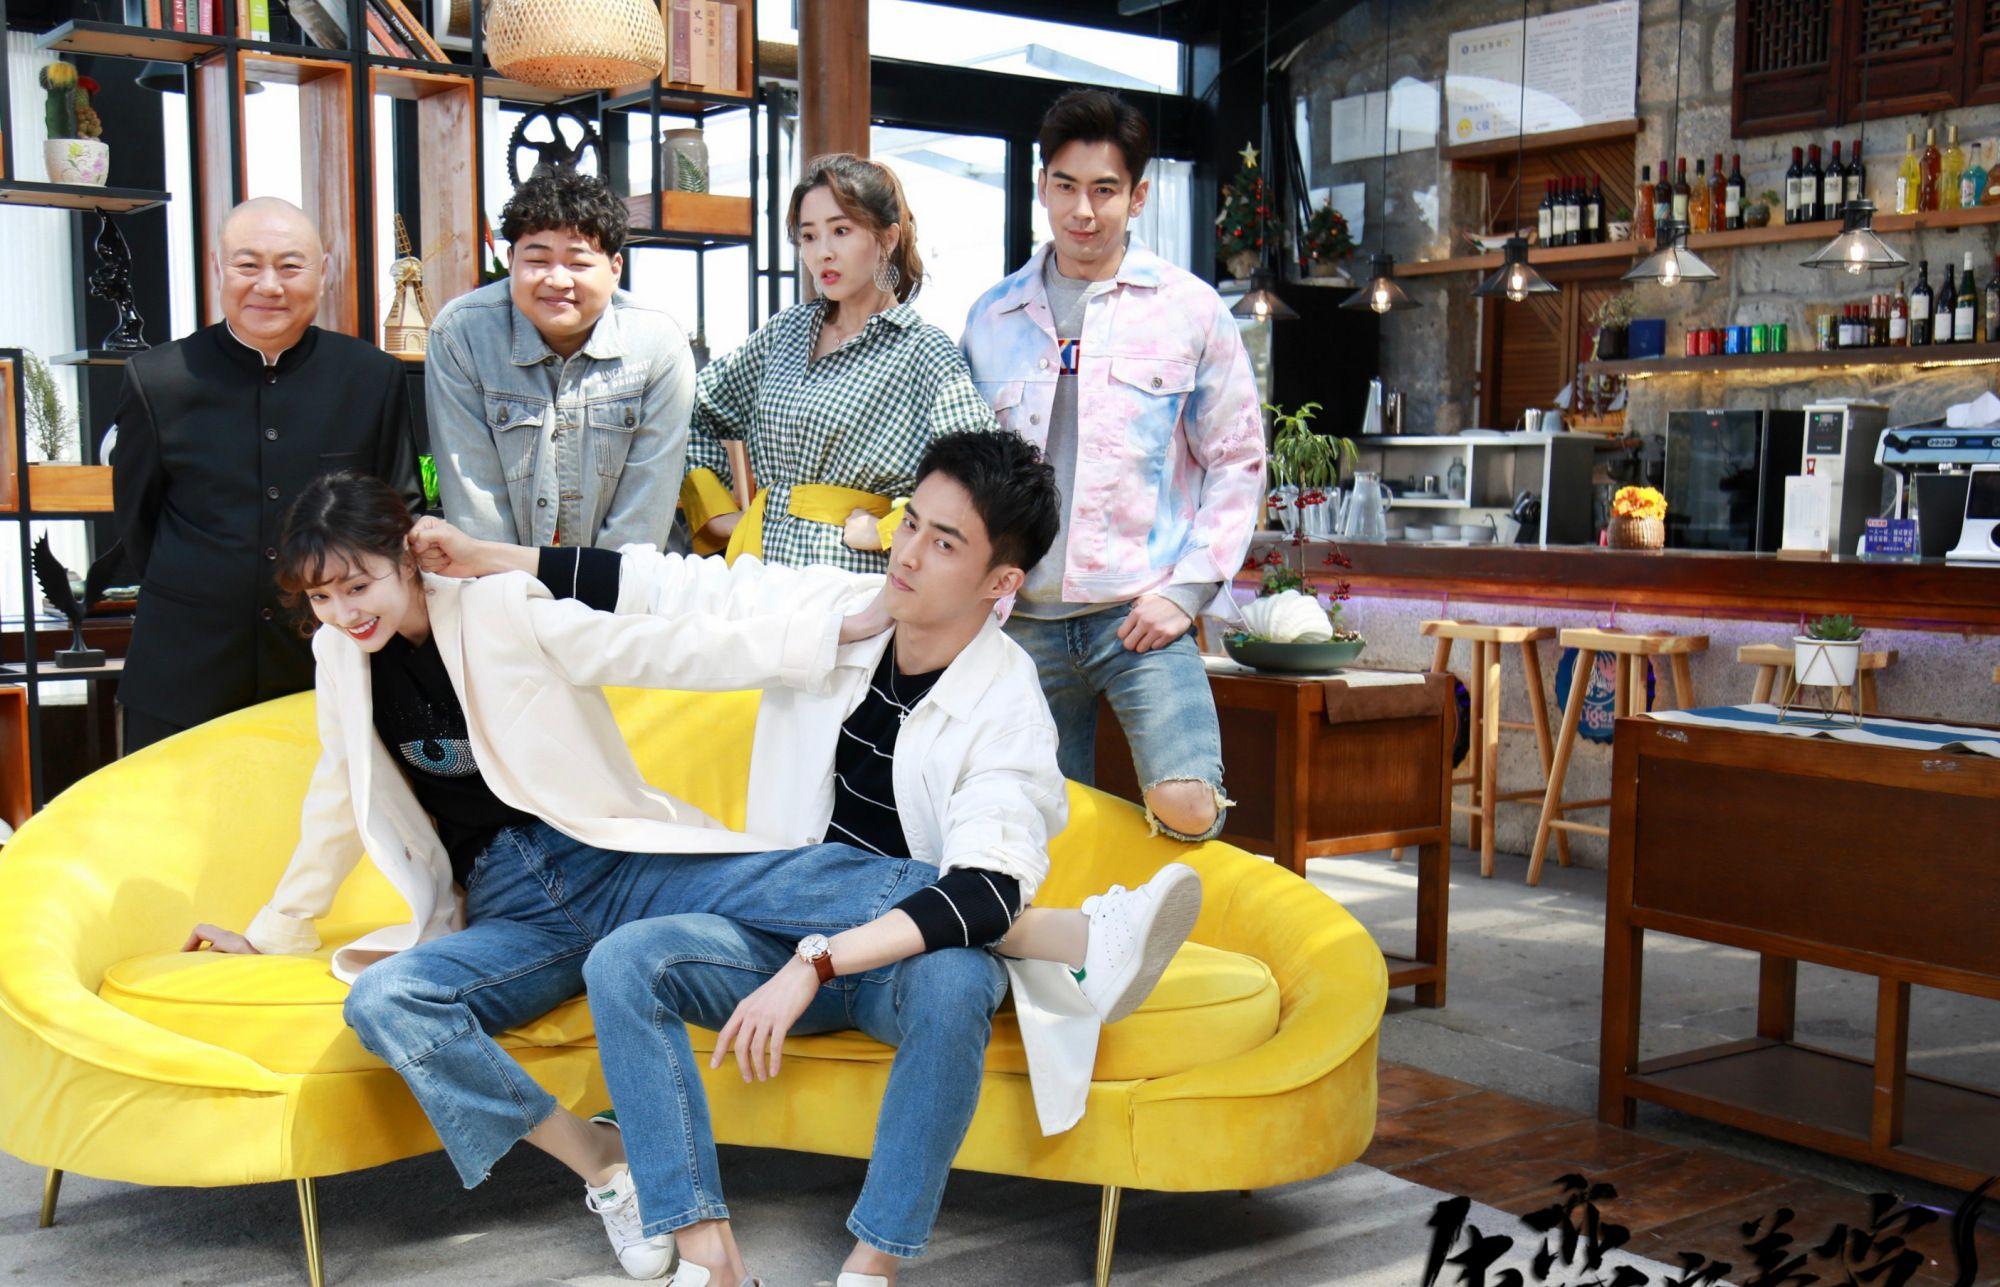 即将播出的五部电视剧,郭晓东两部剧播出,马伊琍新剧让人期待